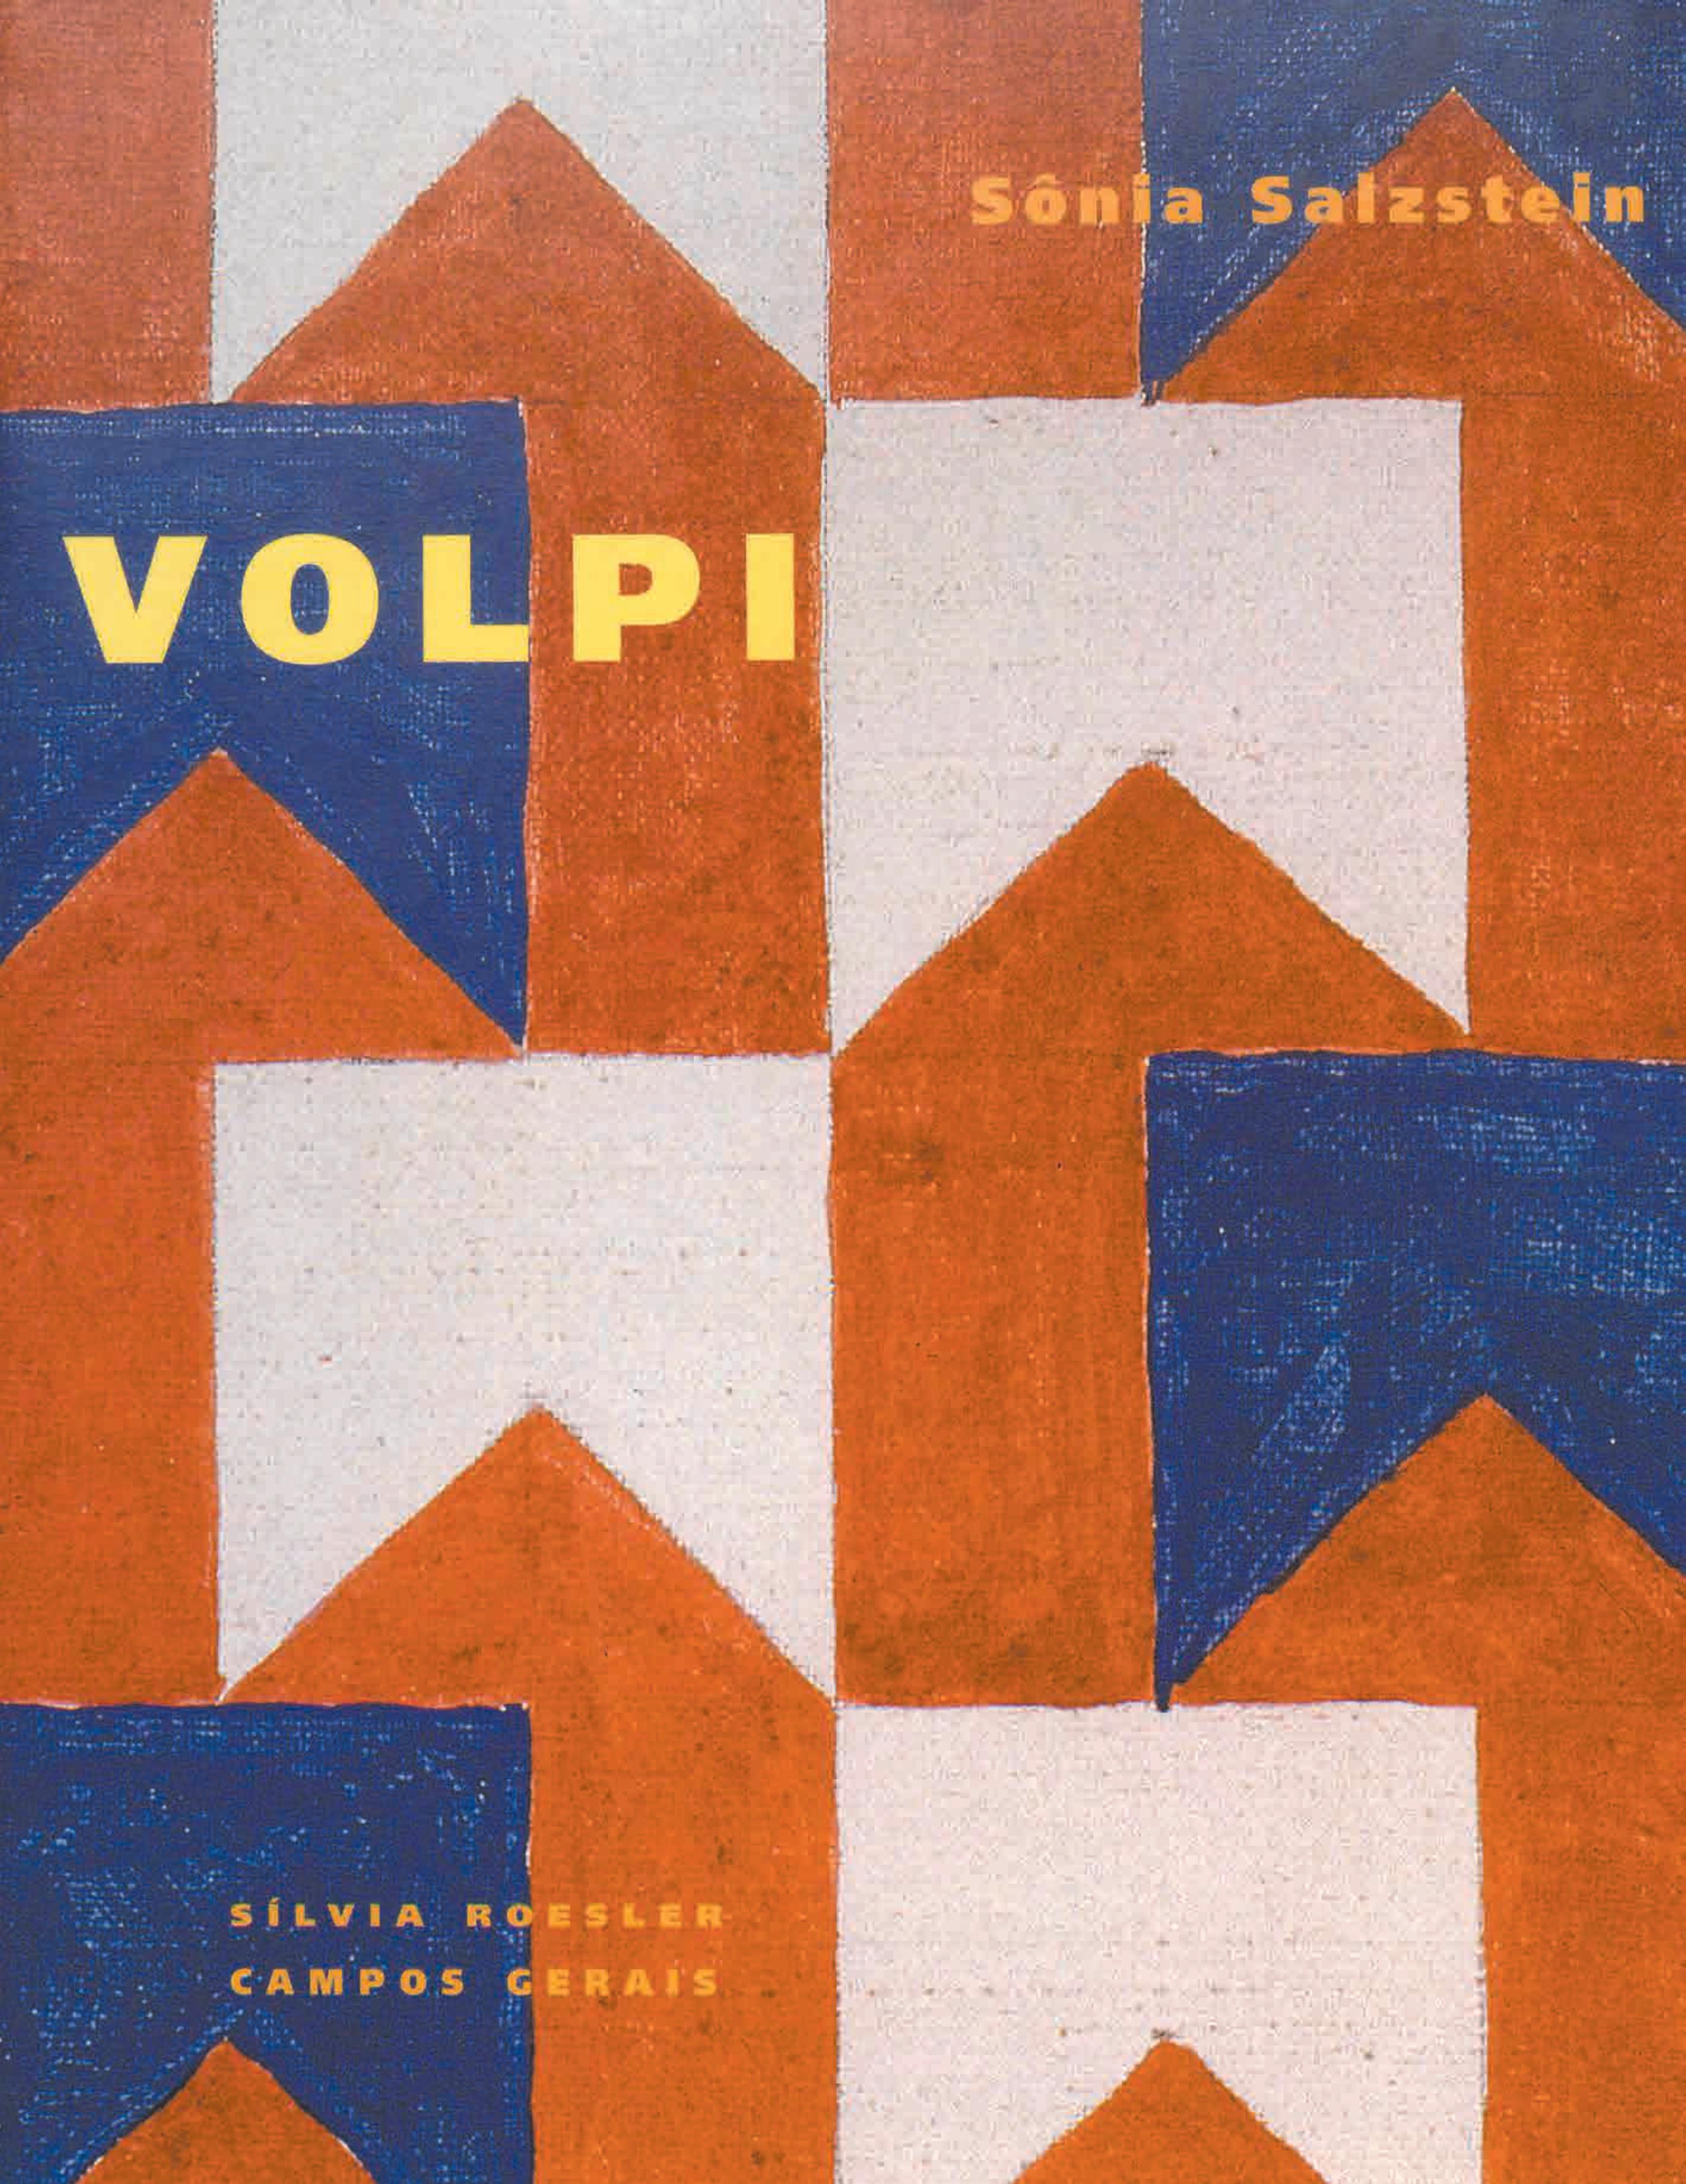 Capa do livro Volpi